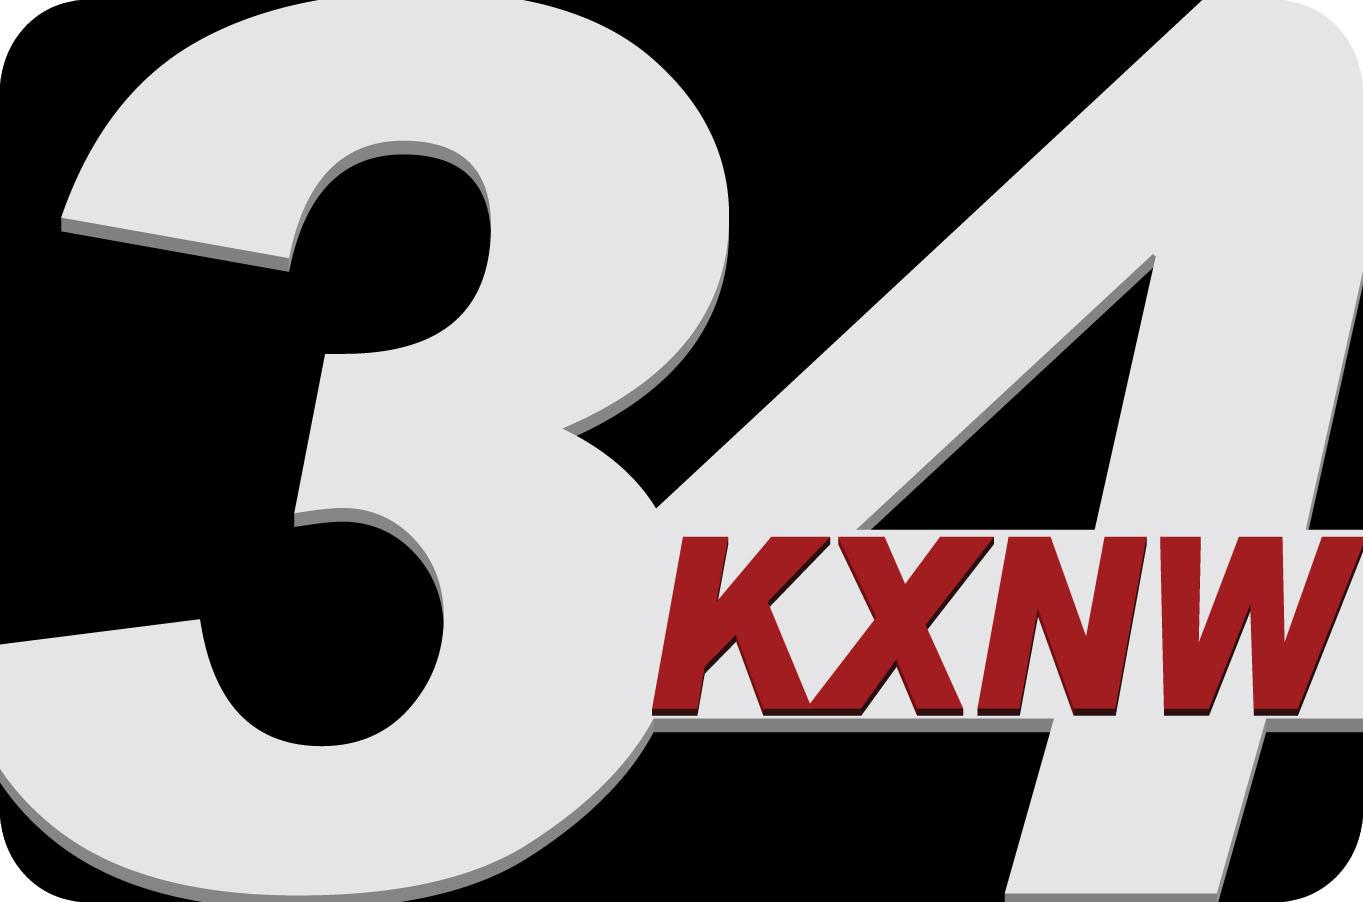 KXNW Logo